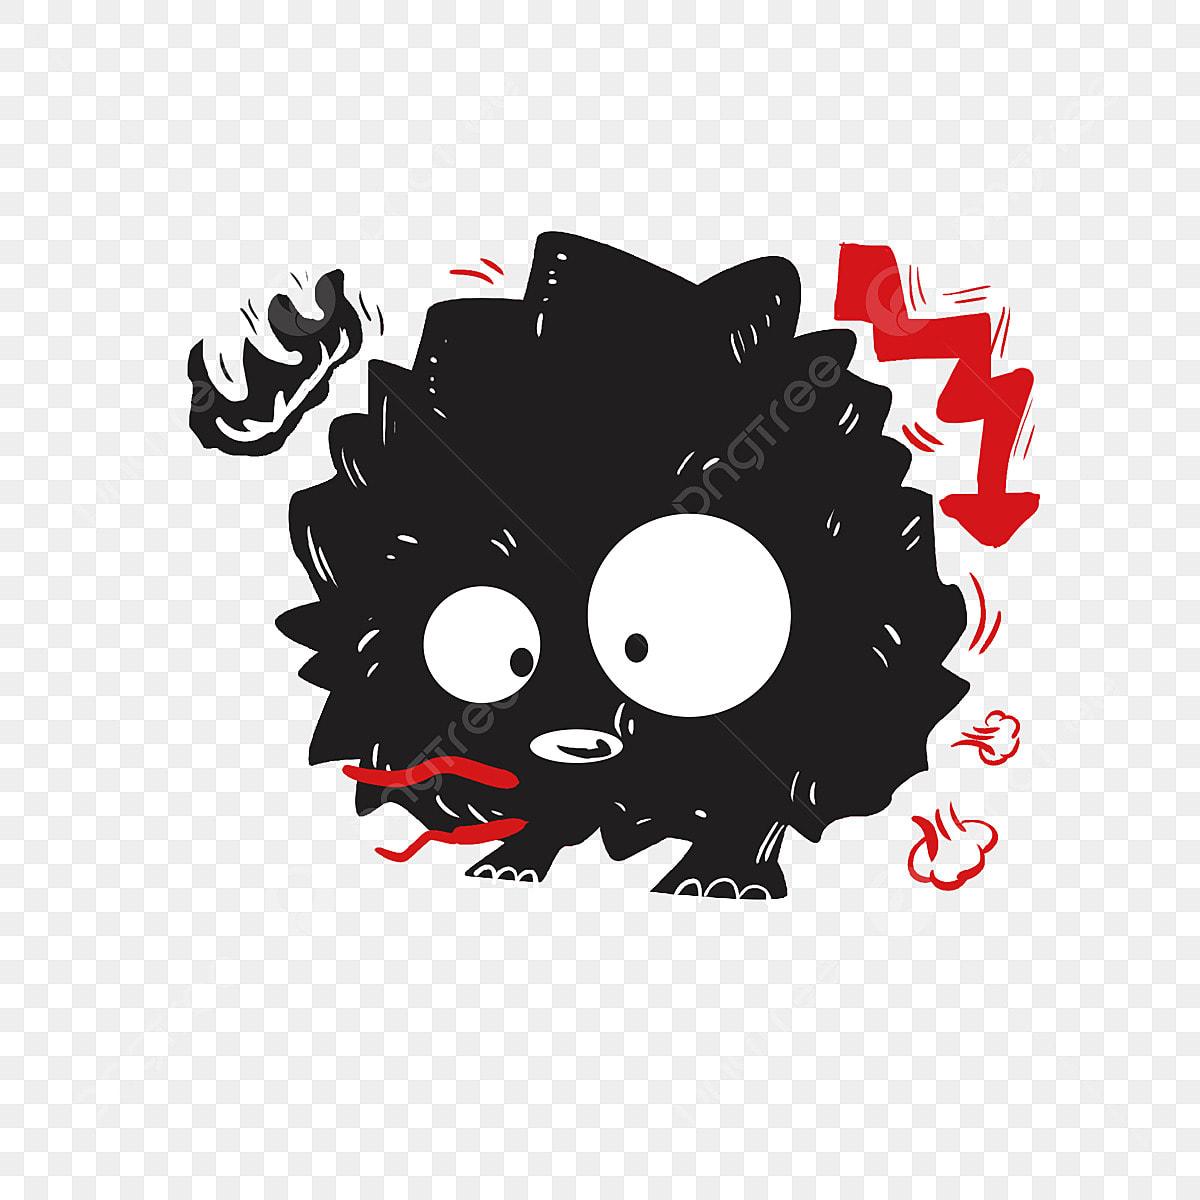 Herisson Mignon Dessine A La Main De Dessin Anime Peinte A La Main Dessin Anime Charmant Fichier Png Et Psd Pour Le Telechargement Libre